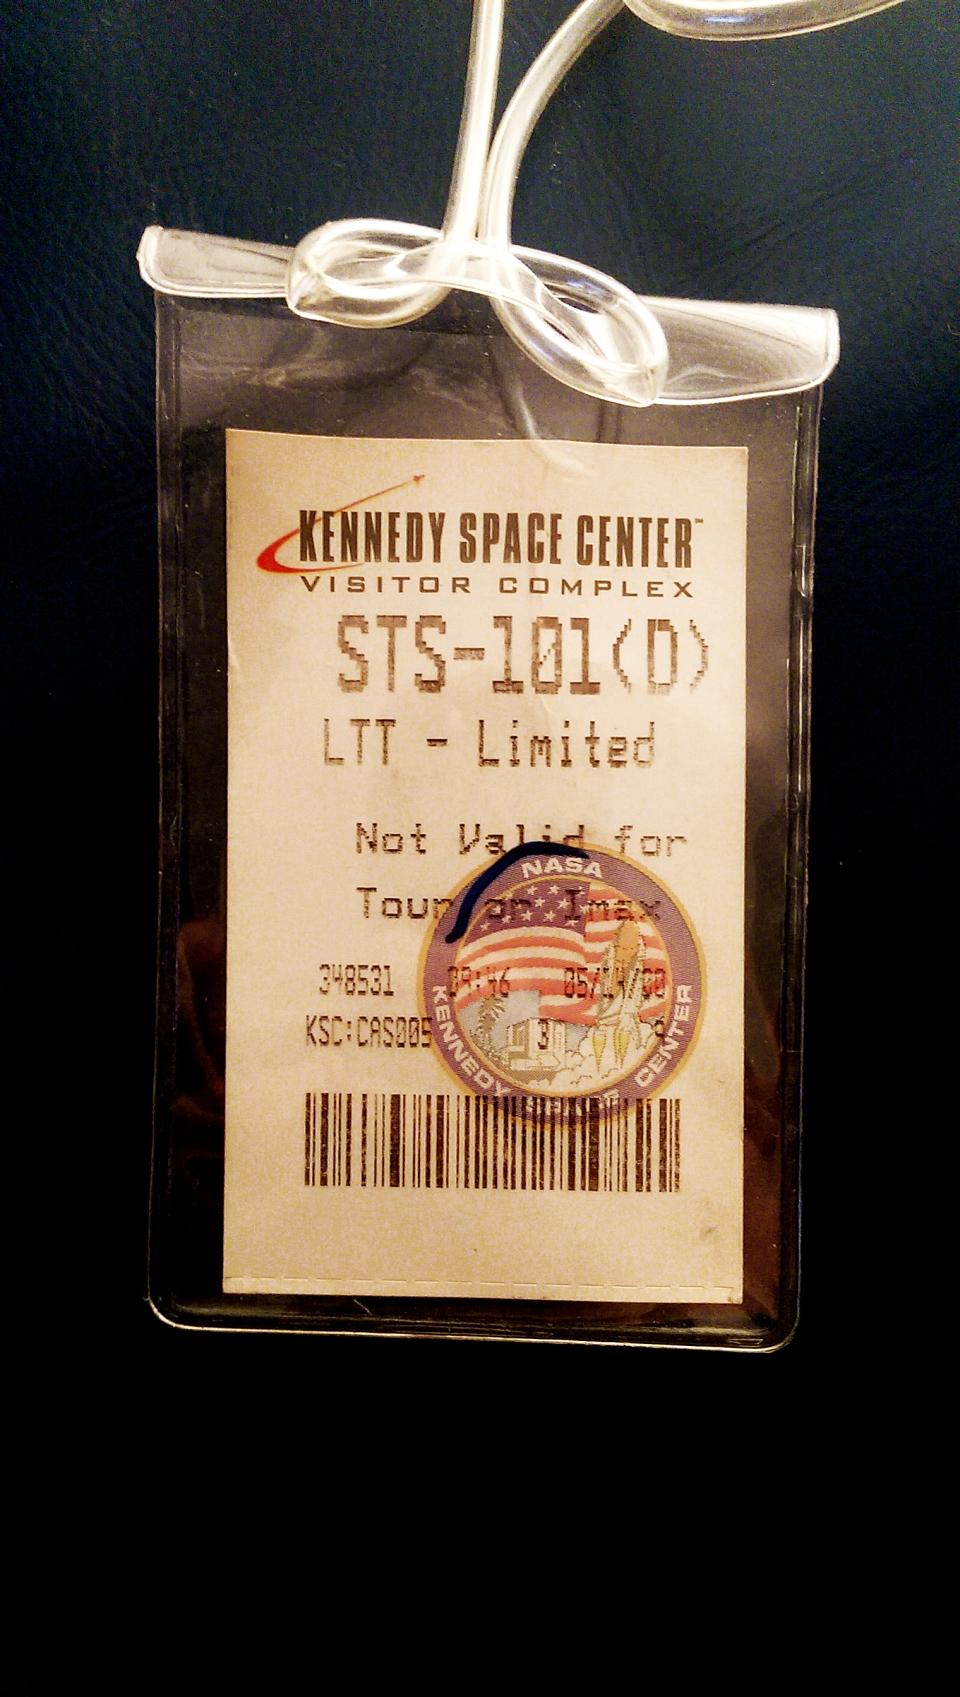 Shuttle Launch Ticket 1